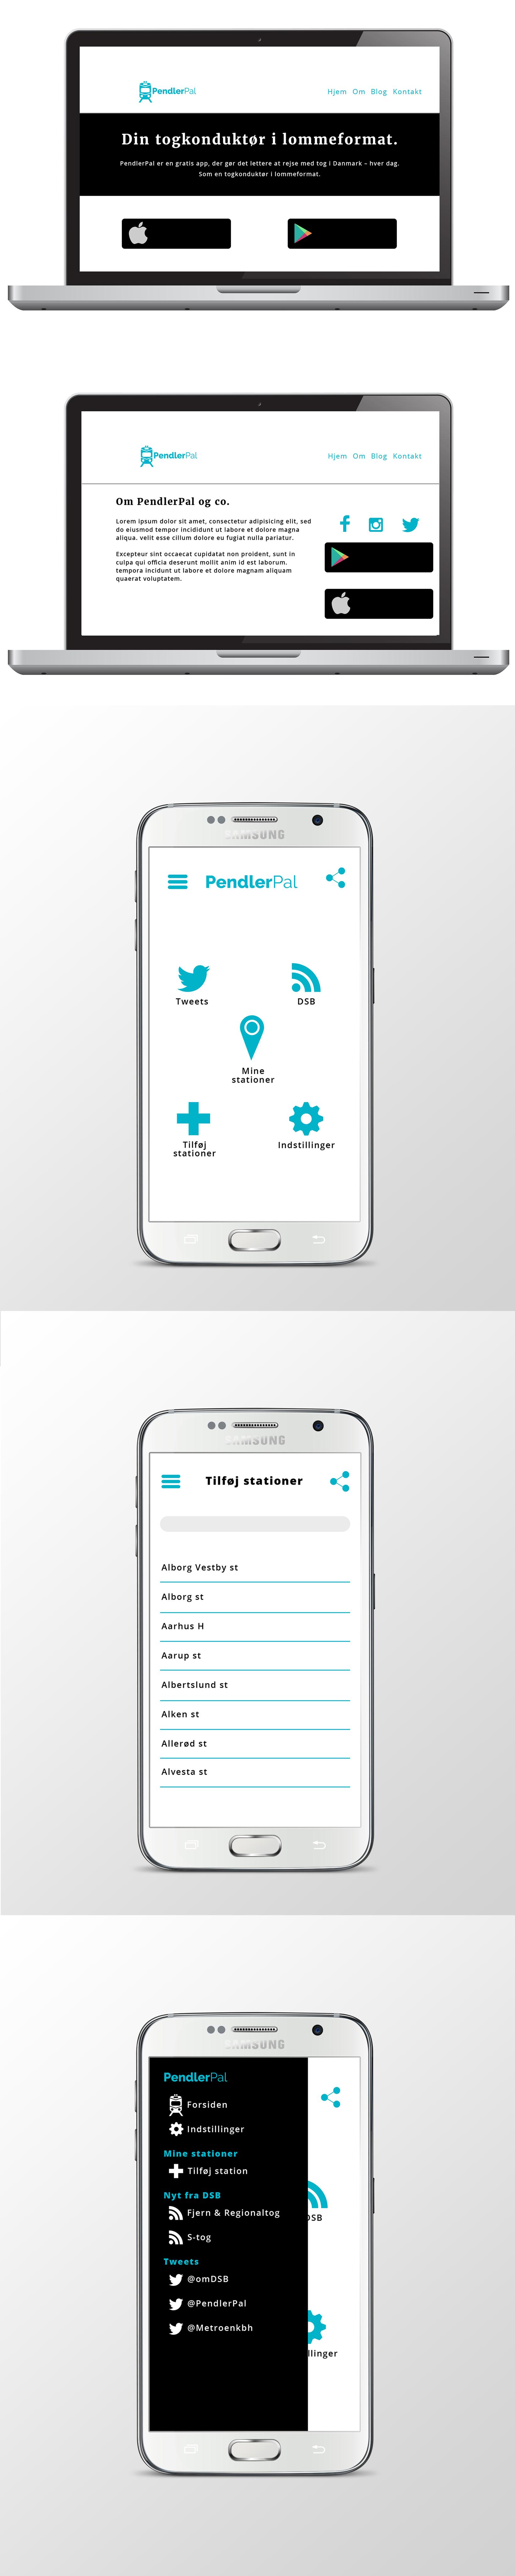 Webdesign forslag fra Photoshop til appen PendlerPal